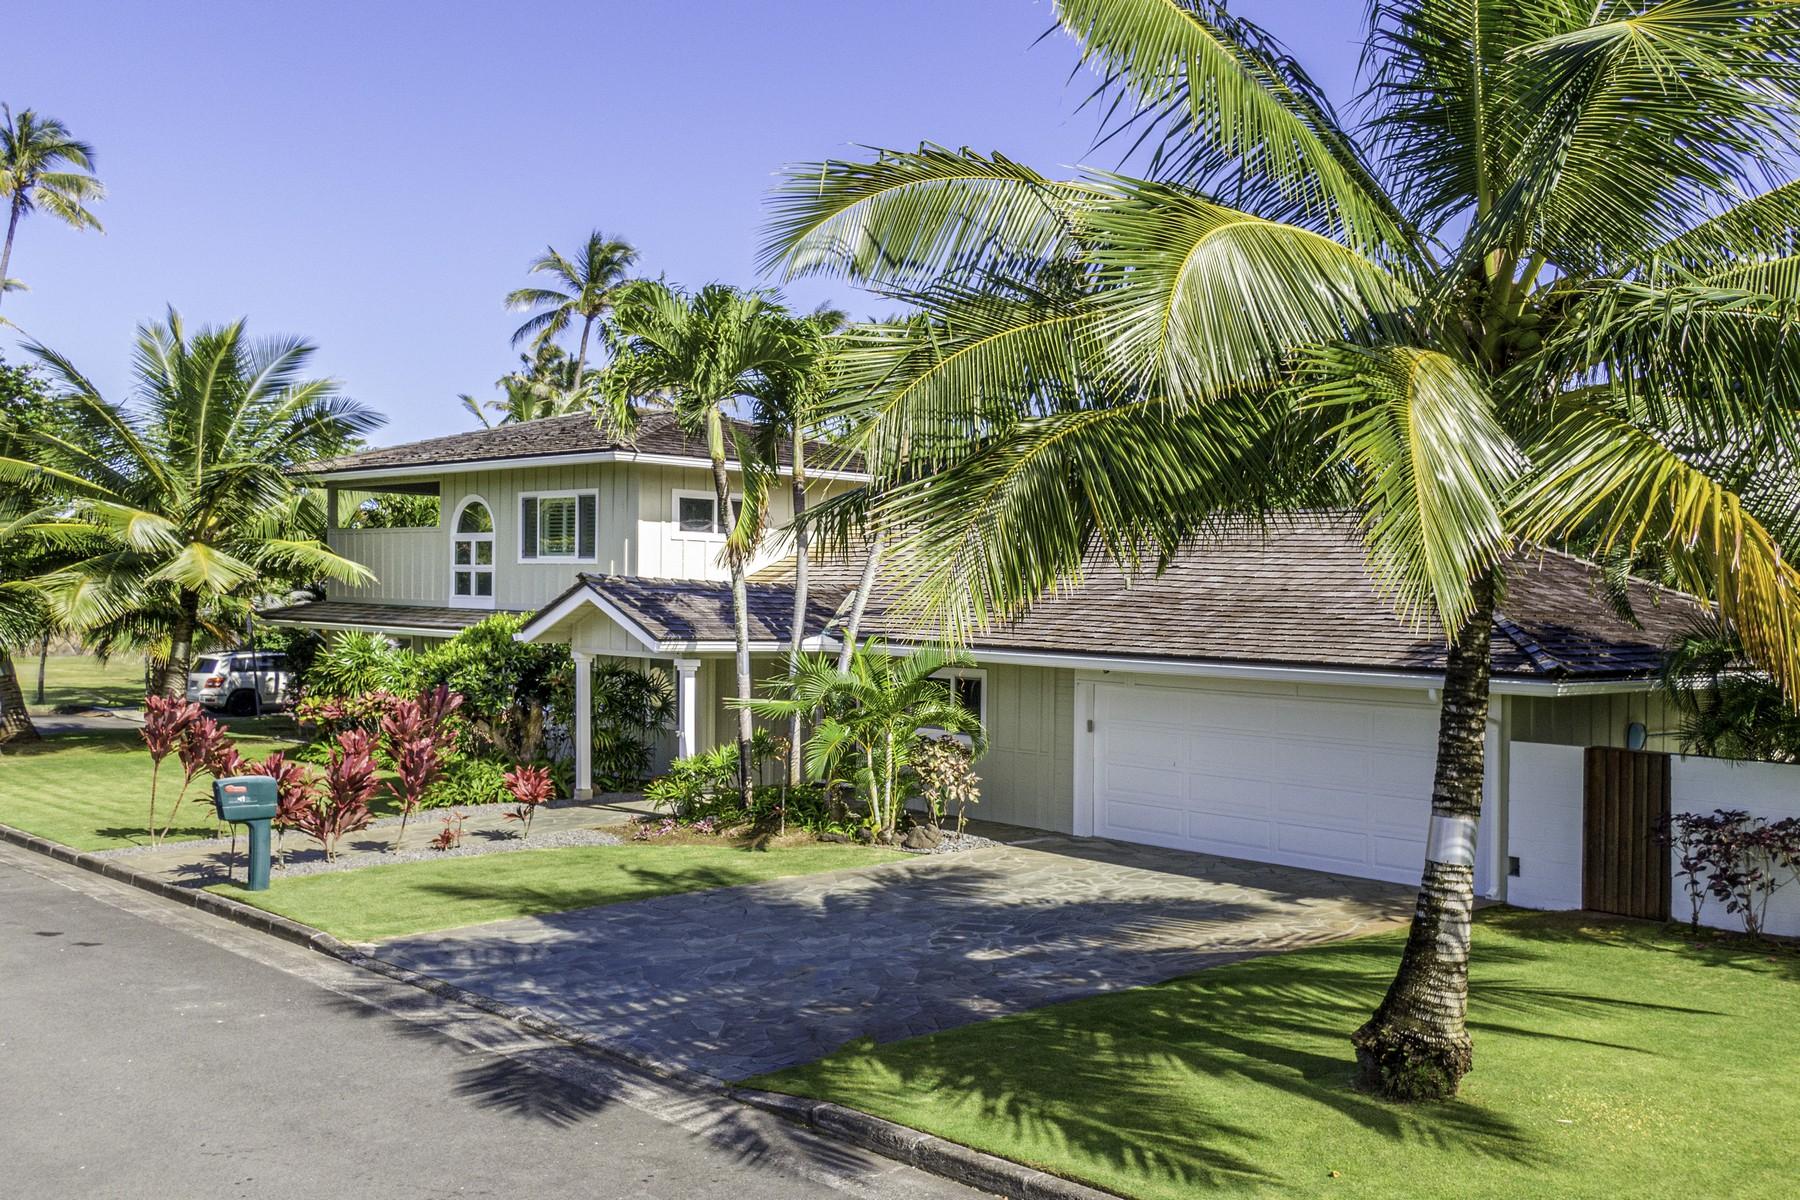 Single Family Homes for Sale at Kailua Beachside 61 Kaikea Pl Kailua, Hawaii 96734 United States